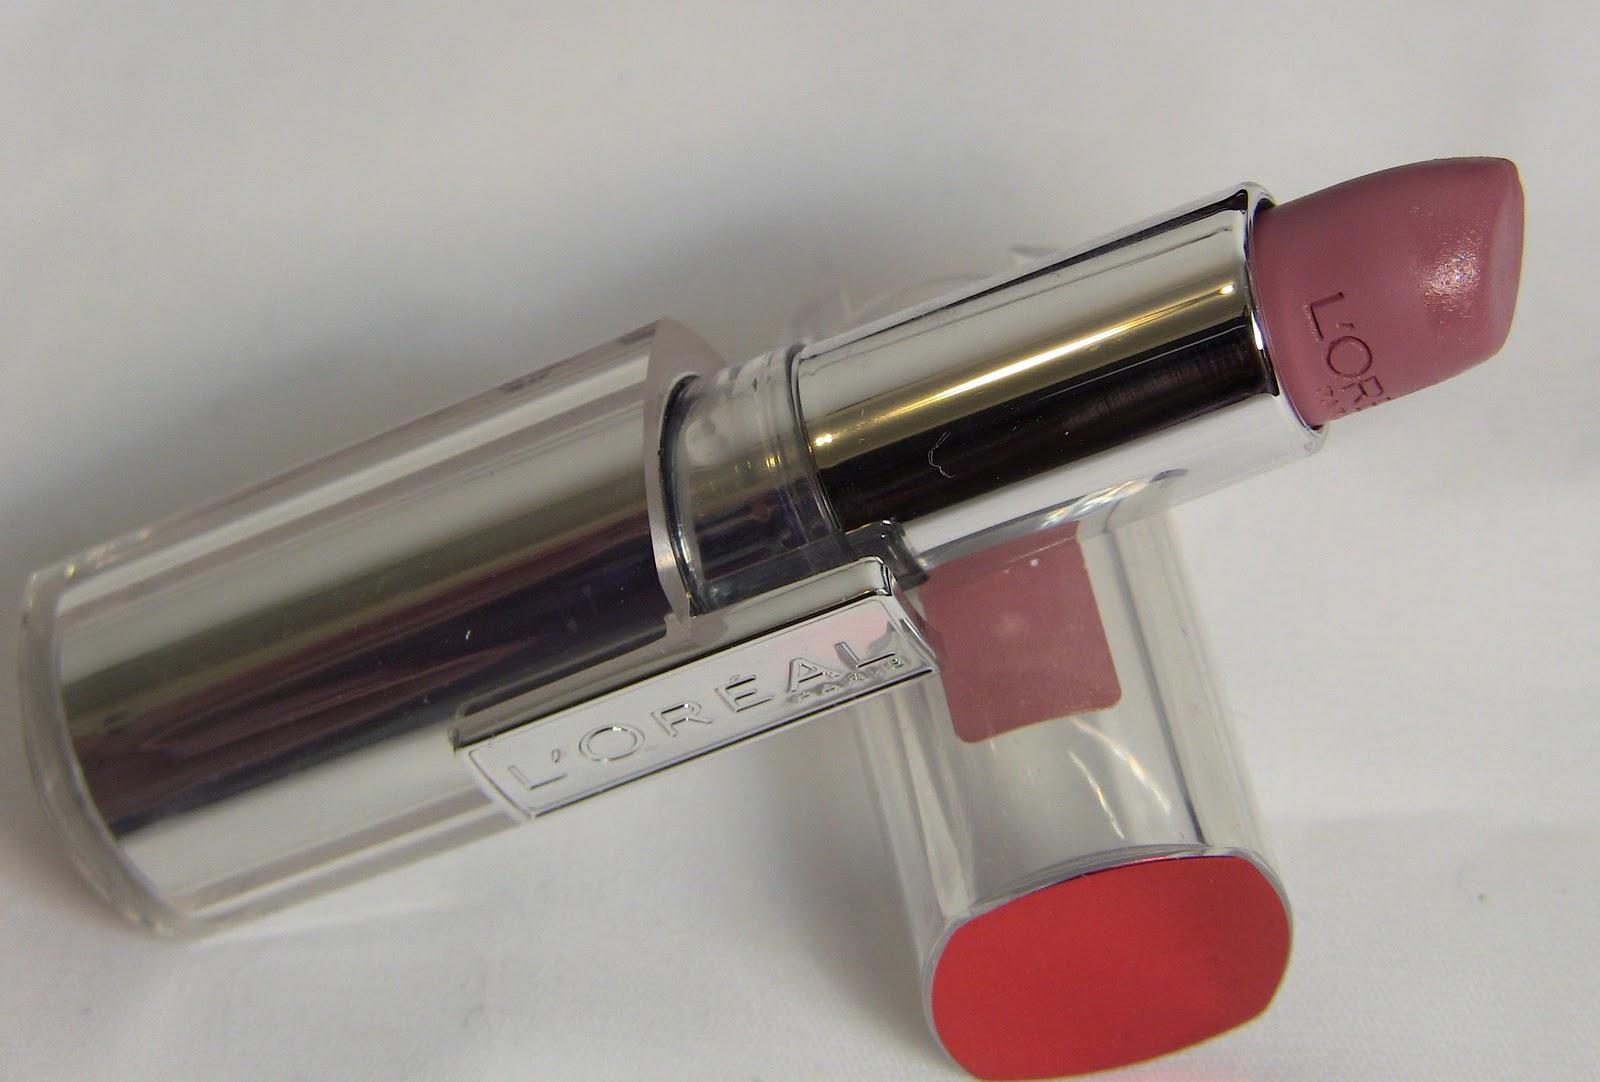 How to Choose a Lipstick Color | eHow.com